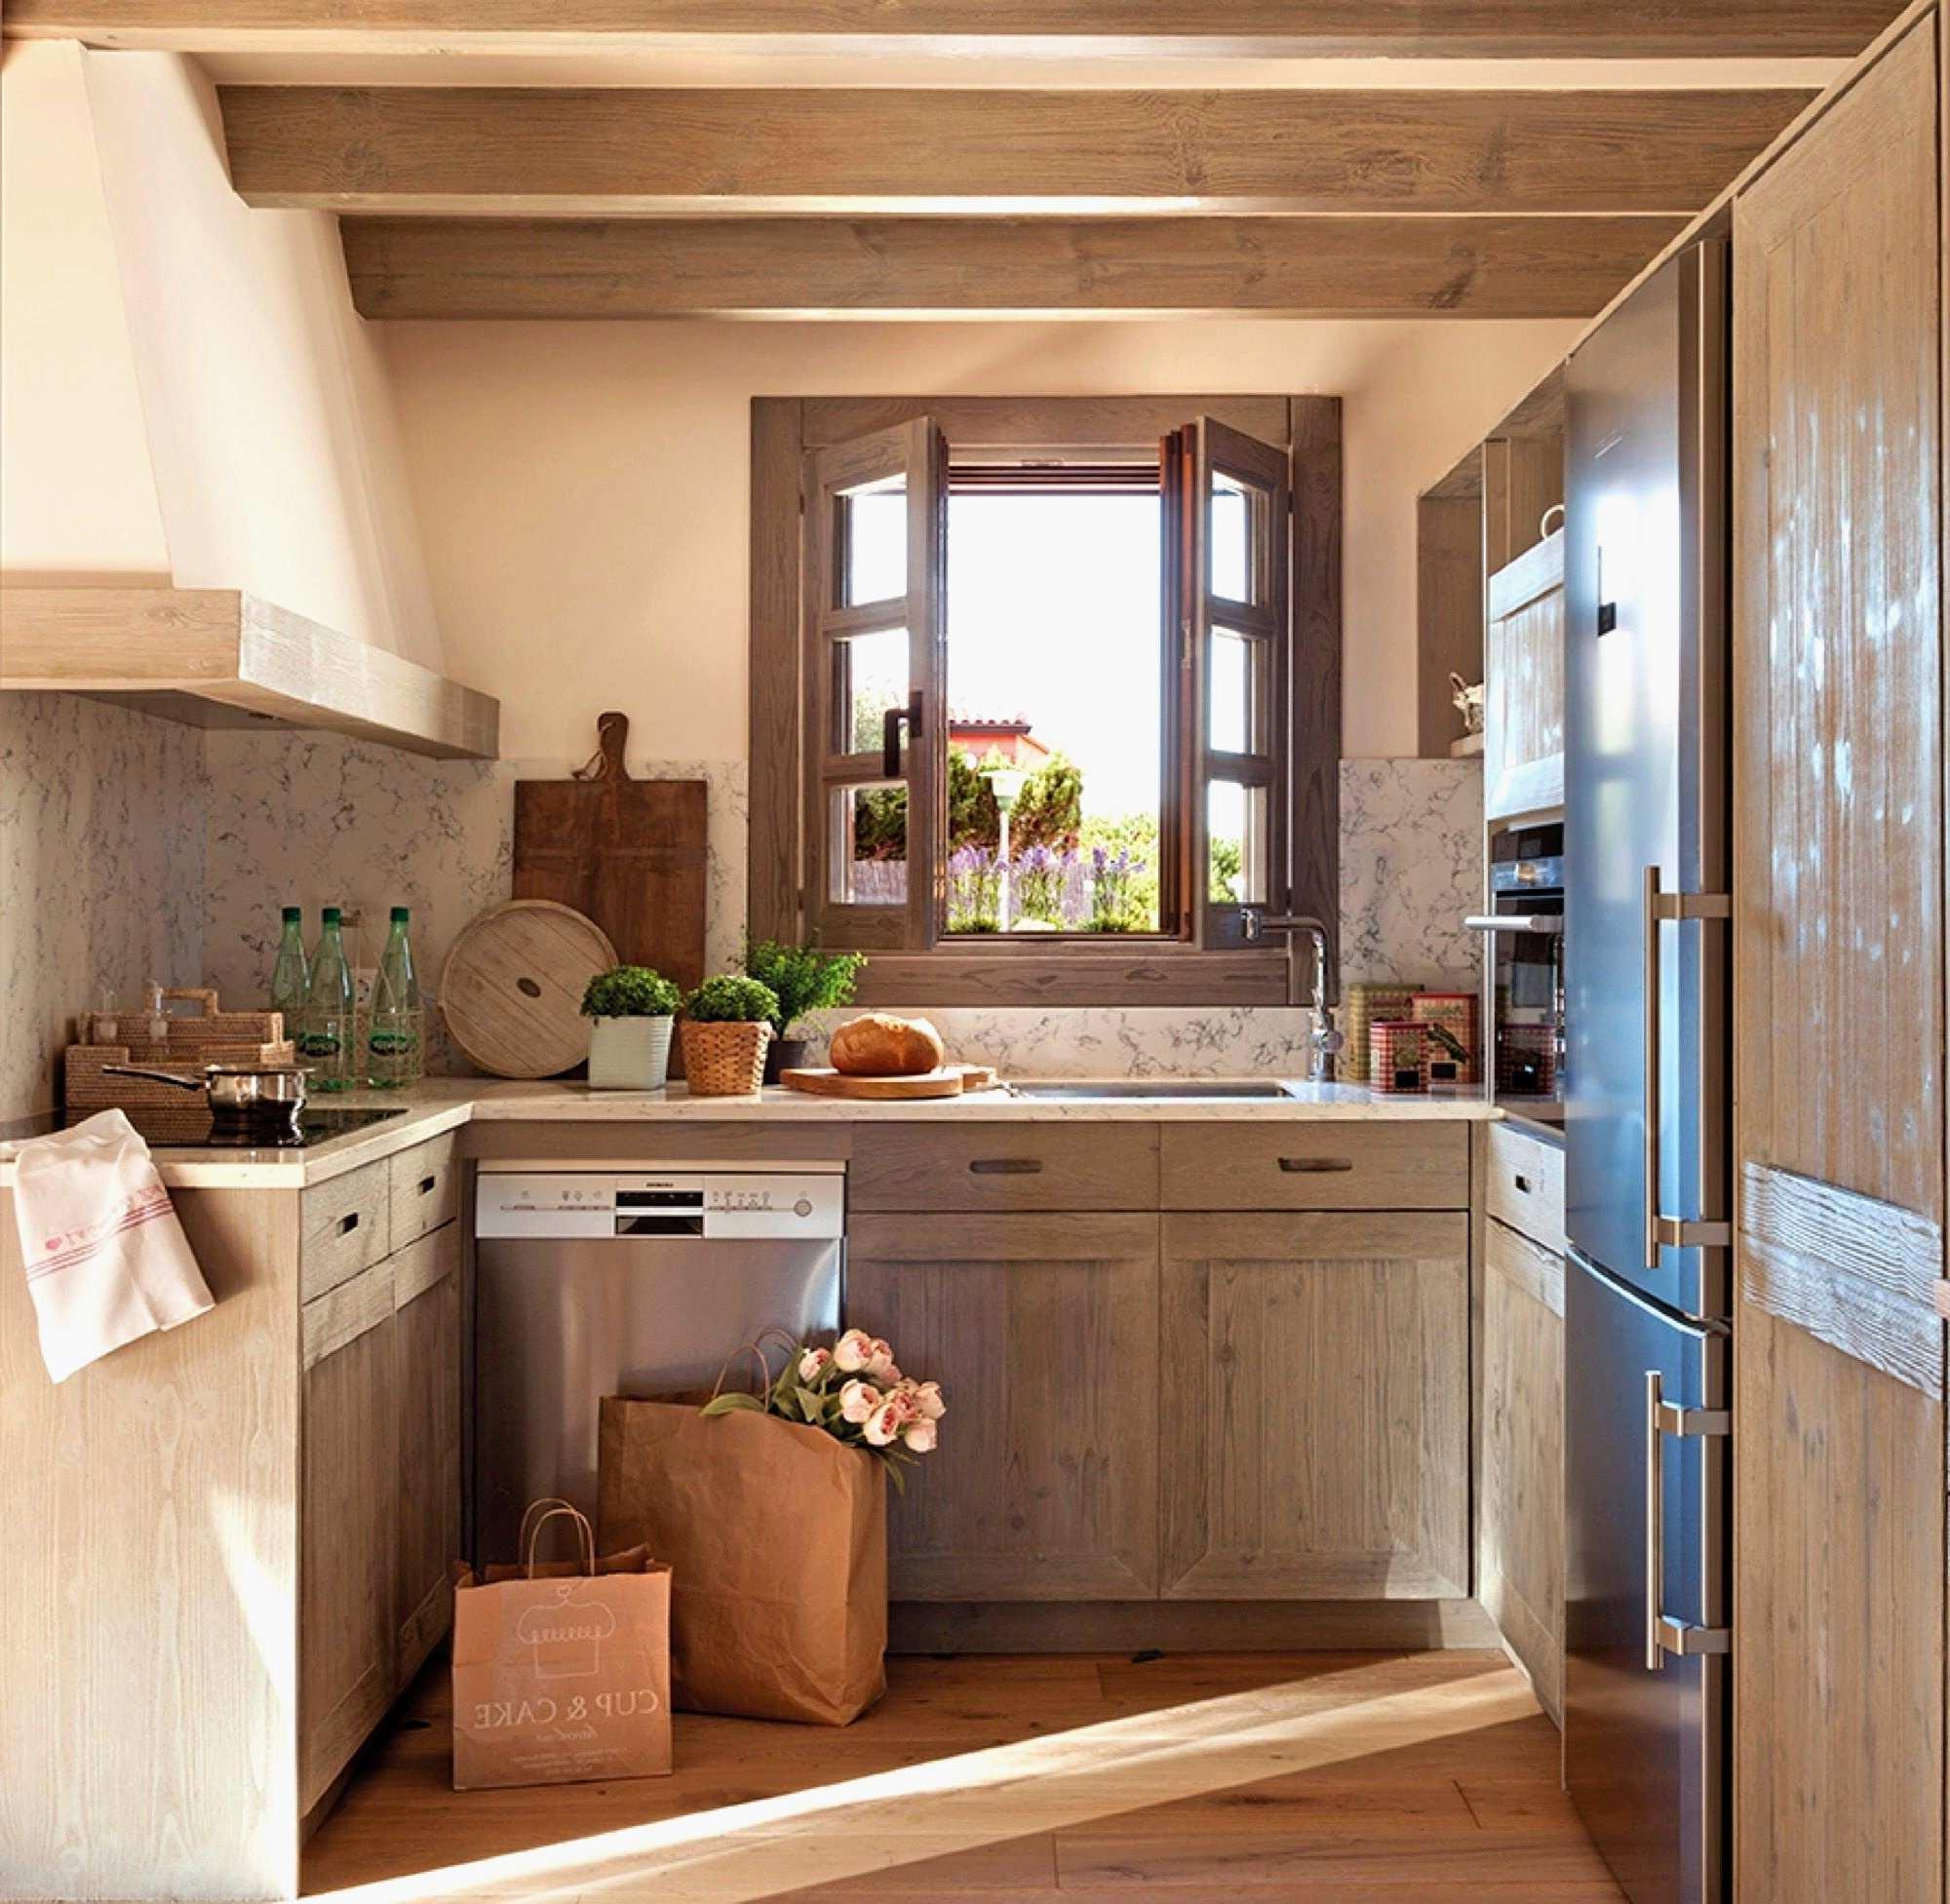 Muebles De Cocina Rusticos Baratos E6d5 O Decorar Una Cocina Rustica 90 Lujo Fotos De Muebles De